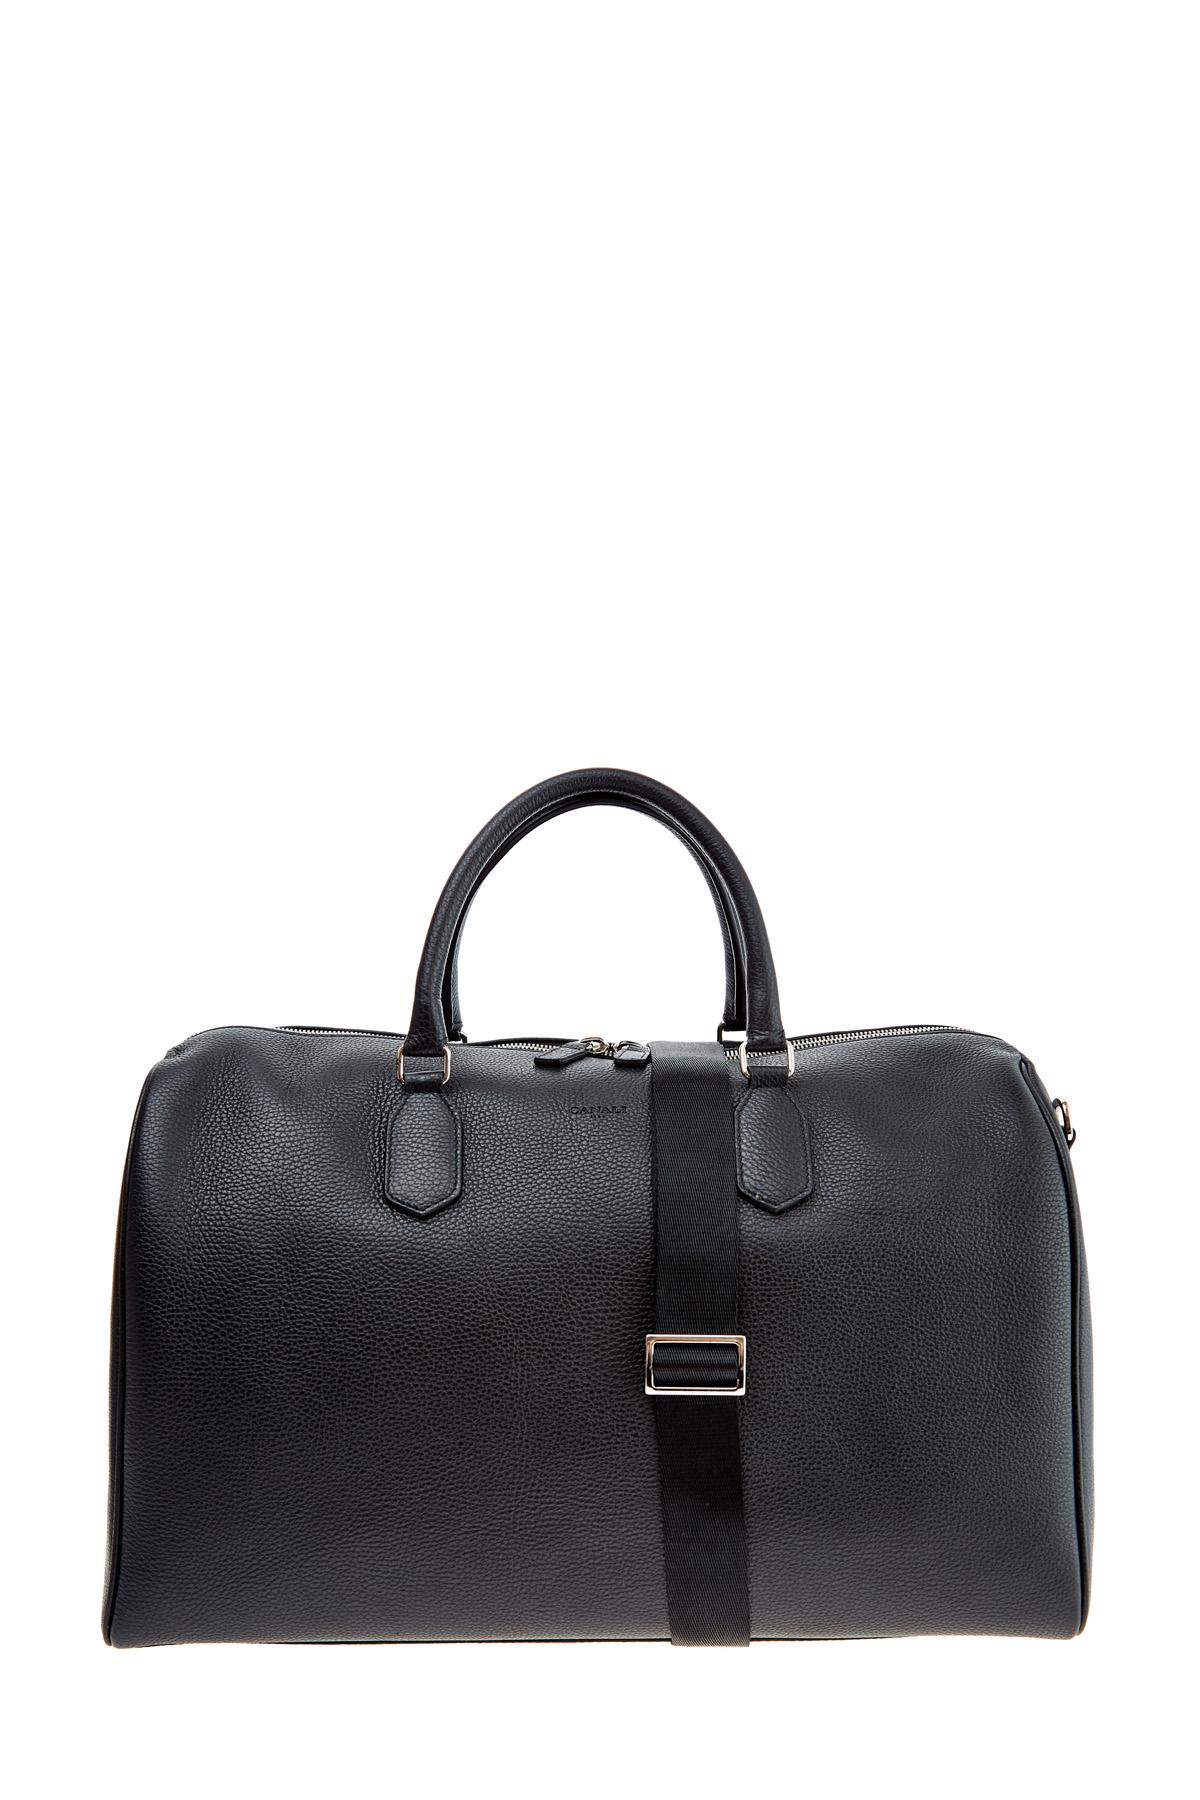 Купить Вместительная дорожная сумка из зернистой кожи со съемным ремнем, CANALI, Италия, кожа 100%